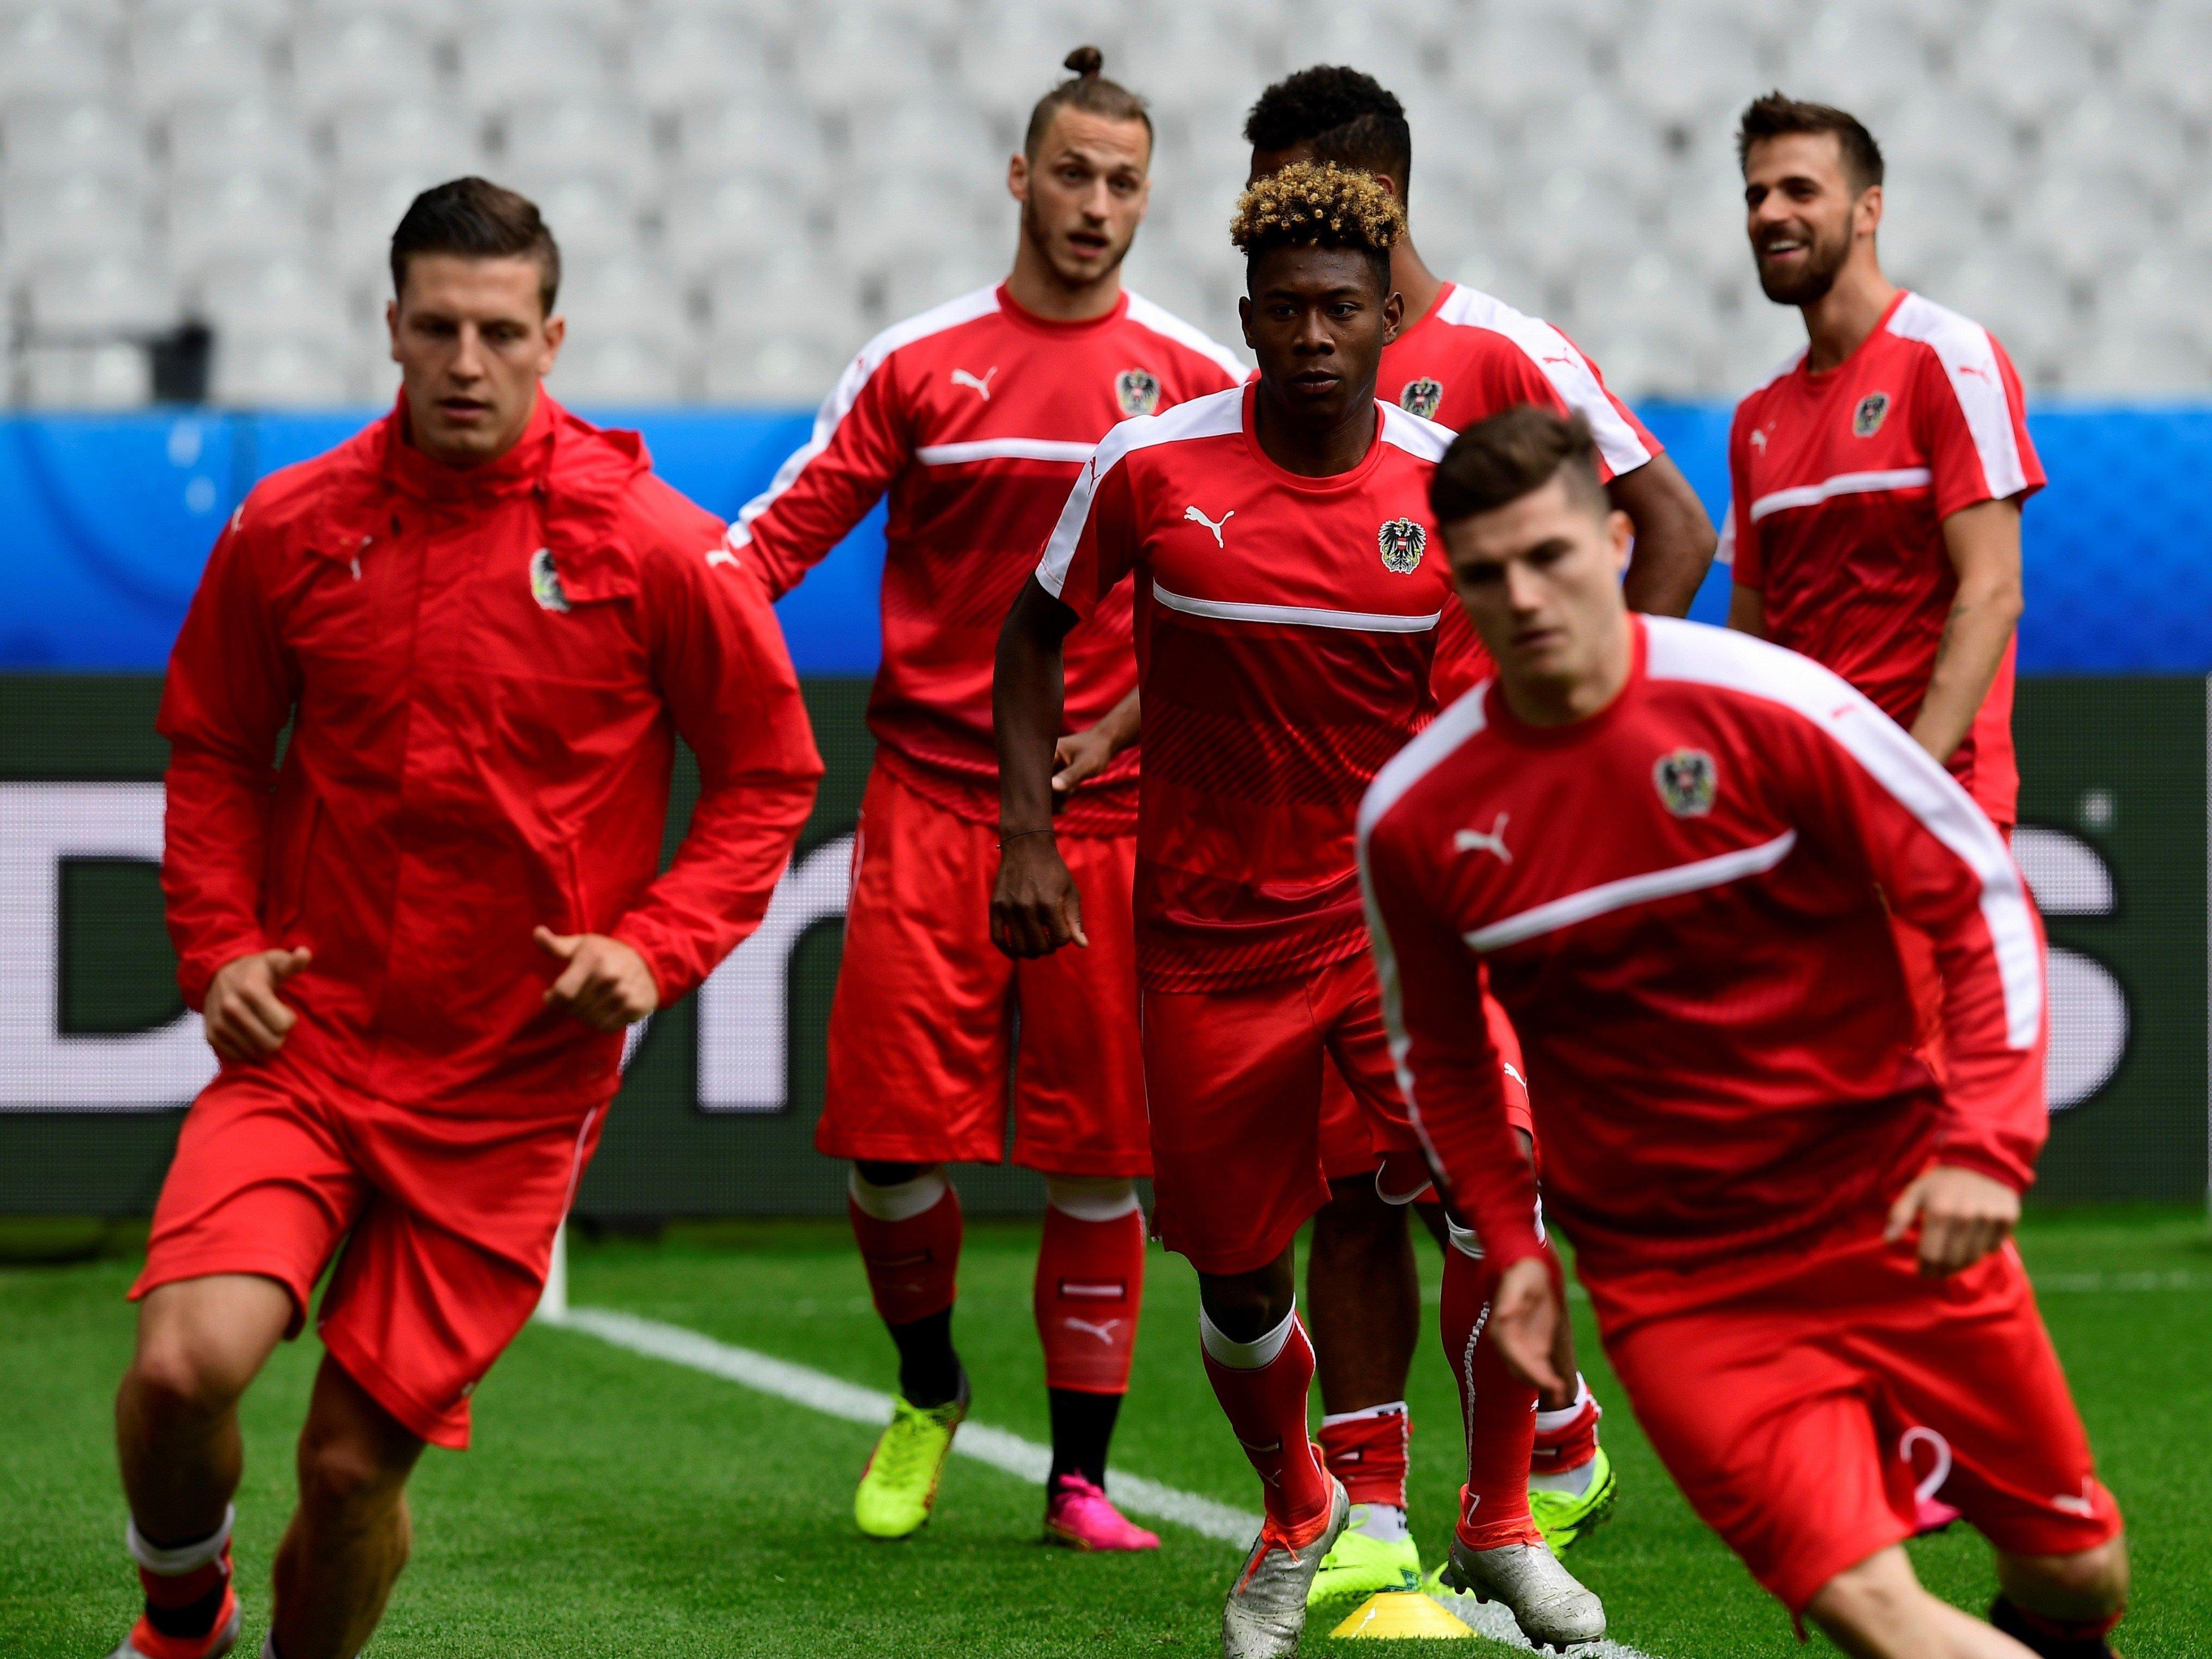 Österreichs Gegner für das AChtelfinale stünde bereits fest.